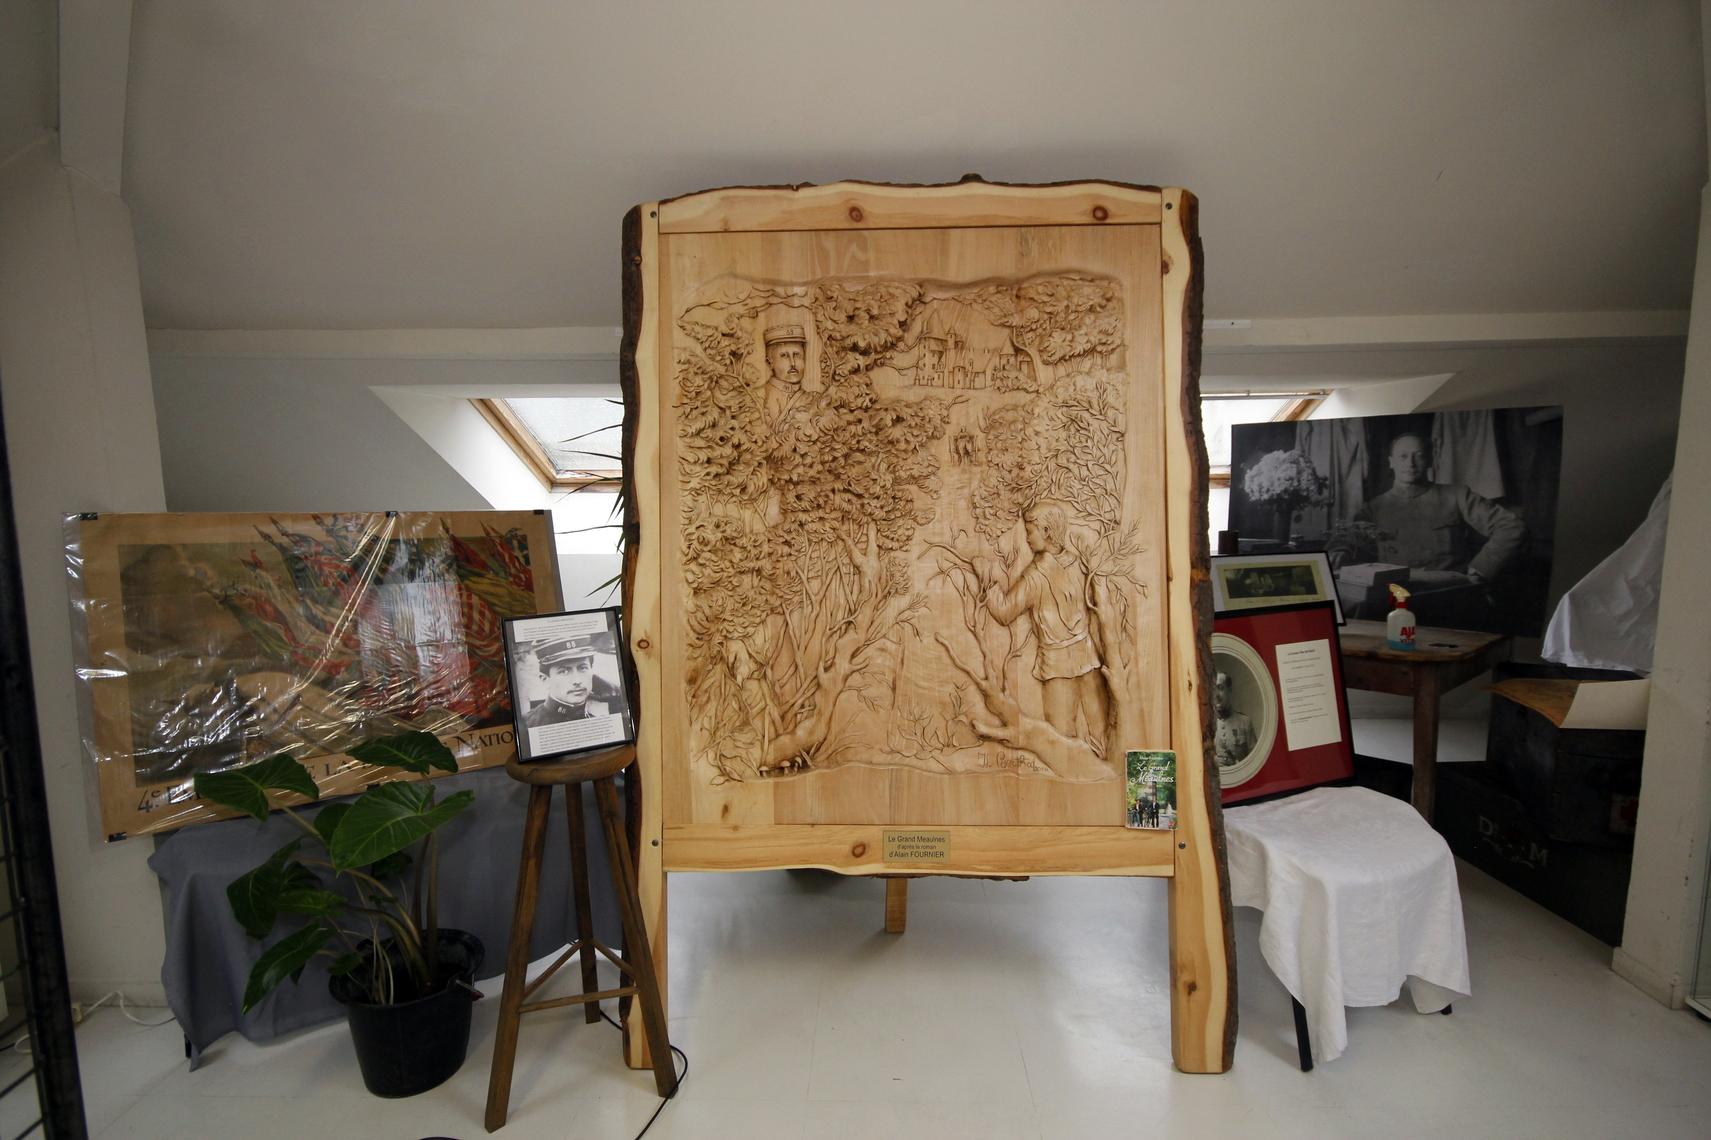 La sculpture évoque Alain Fournier, dont le portrait en haut et à gauche surplombe les héros de son célèbre roman. Comme le caporal Peugeot, l'écrivain fait partie de ces jeunes hommes qui tombèrent dès le début de la guerre